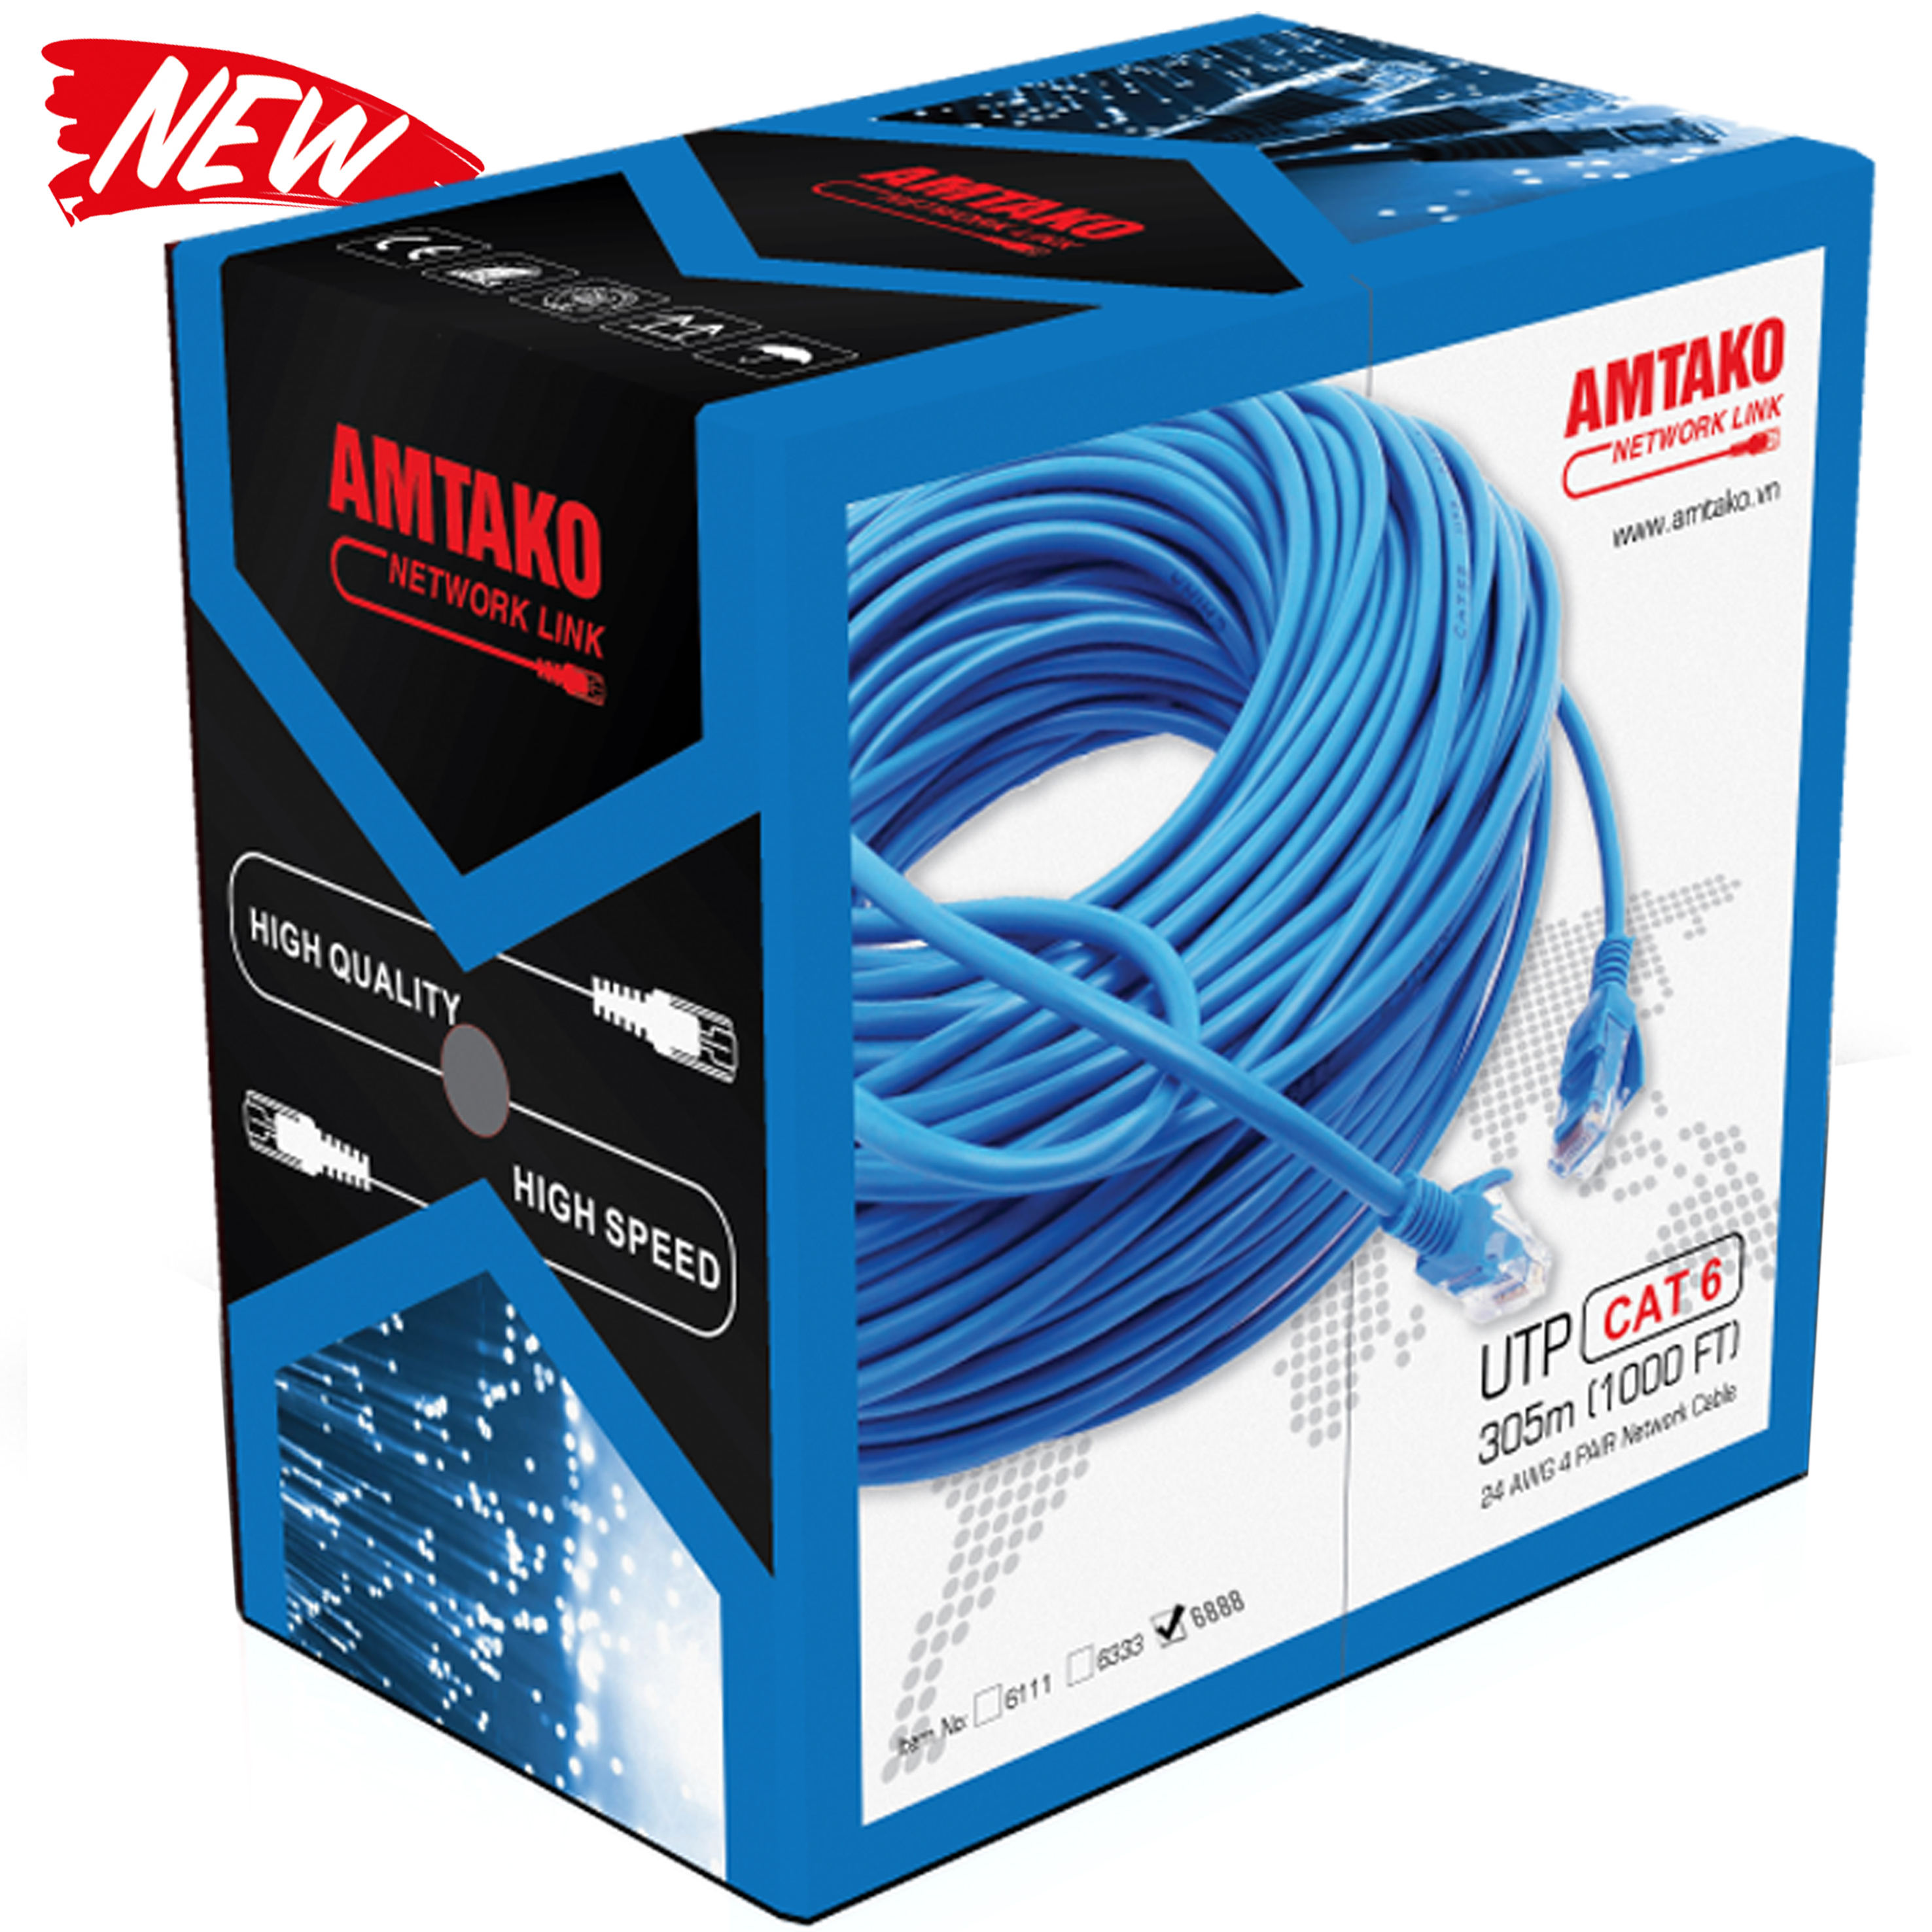 Cáp mạng UTP Cat 6e AMTAKO dây xanh 305m/1 thùng